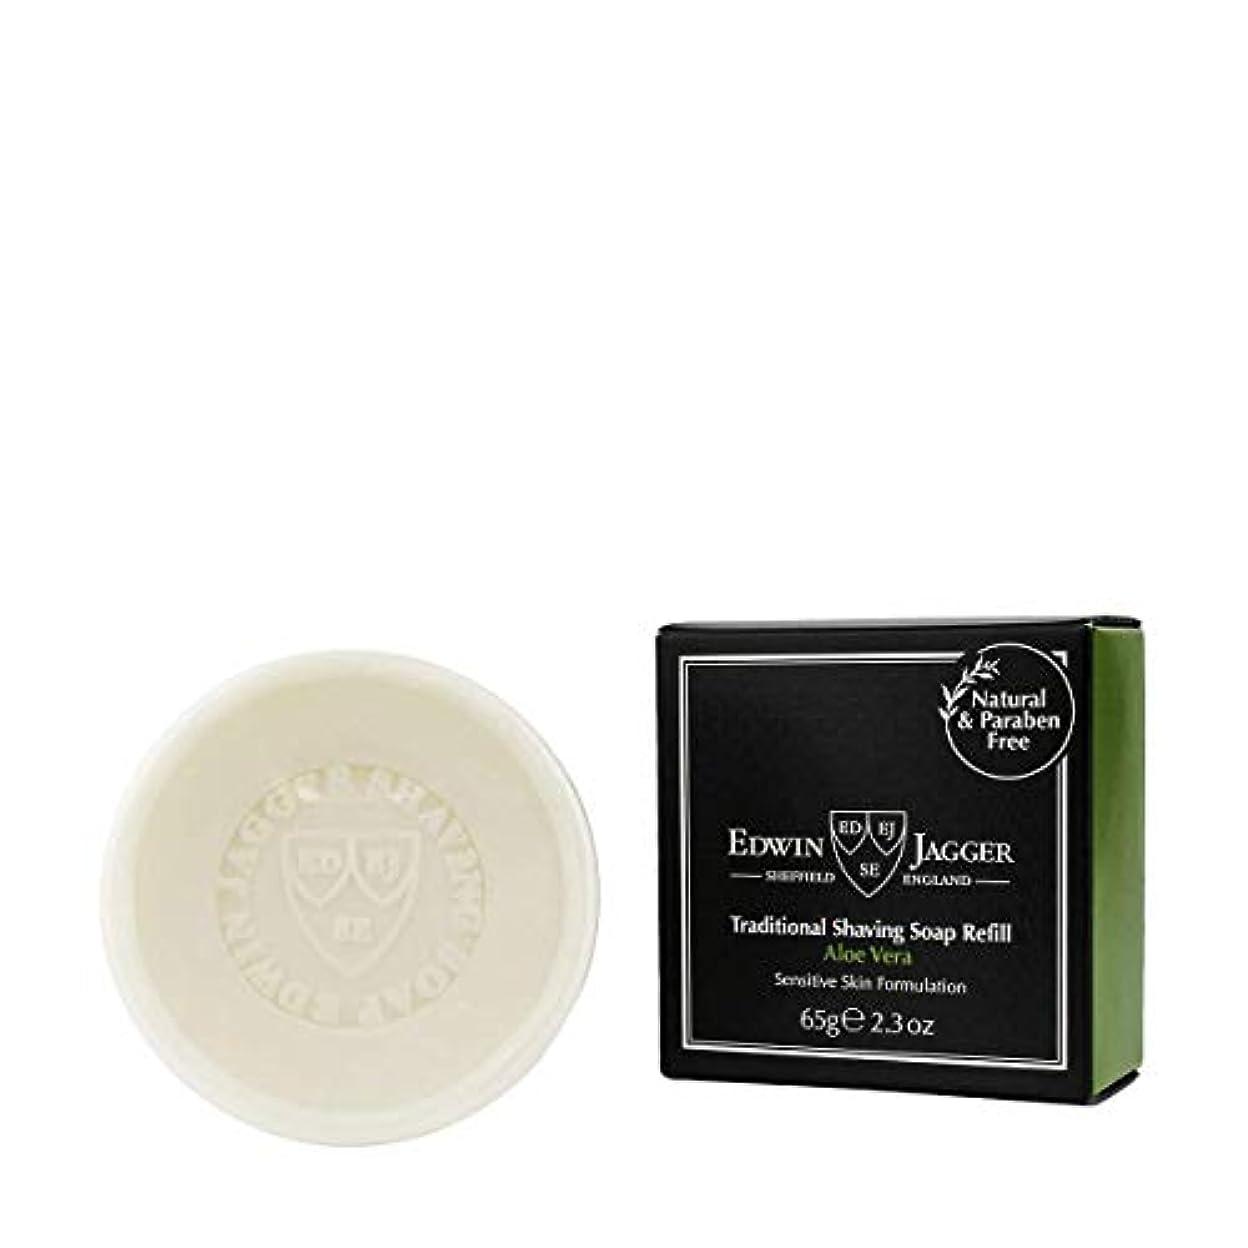 殉教者できるうまくやる()エドウィンジャガー トラディショナルシェービングソープ 詰替え アロエベラ65g[海外直送品]Edwin Jagger Traditional Shaving Soap Refill Aloe Vera 65g [並行輸入品]